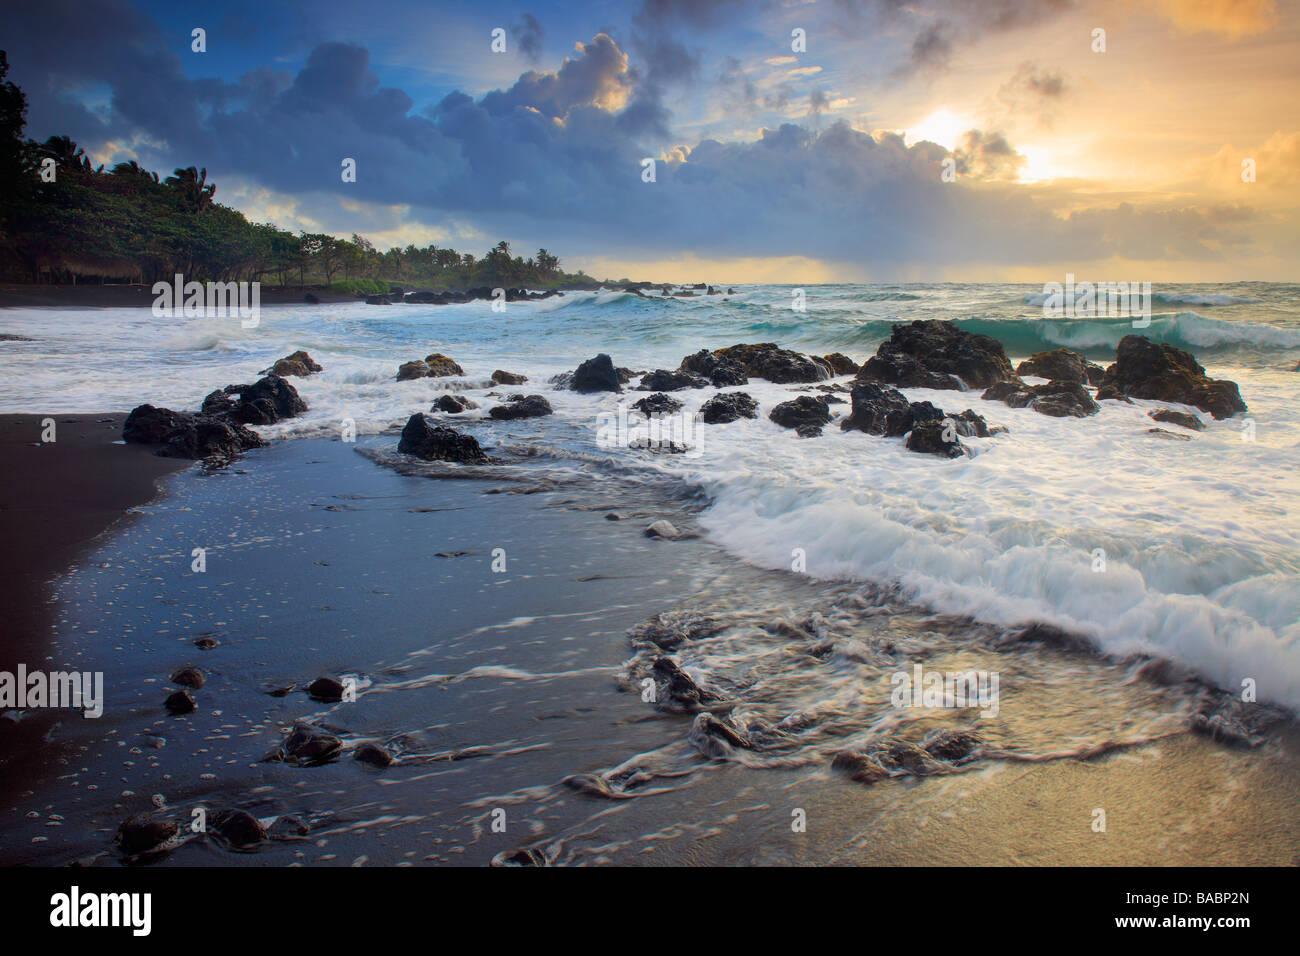 Espectacular amanecer sobre Hana Bay, en la costa noreste de Maui, Hawai, en la ciudad de Hana Foto de stock